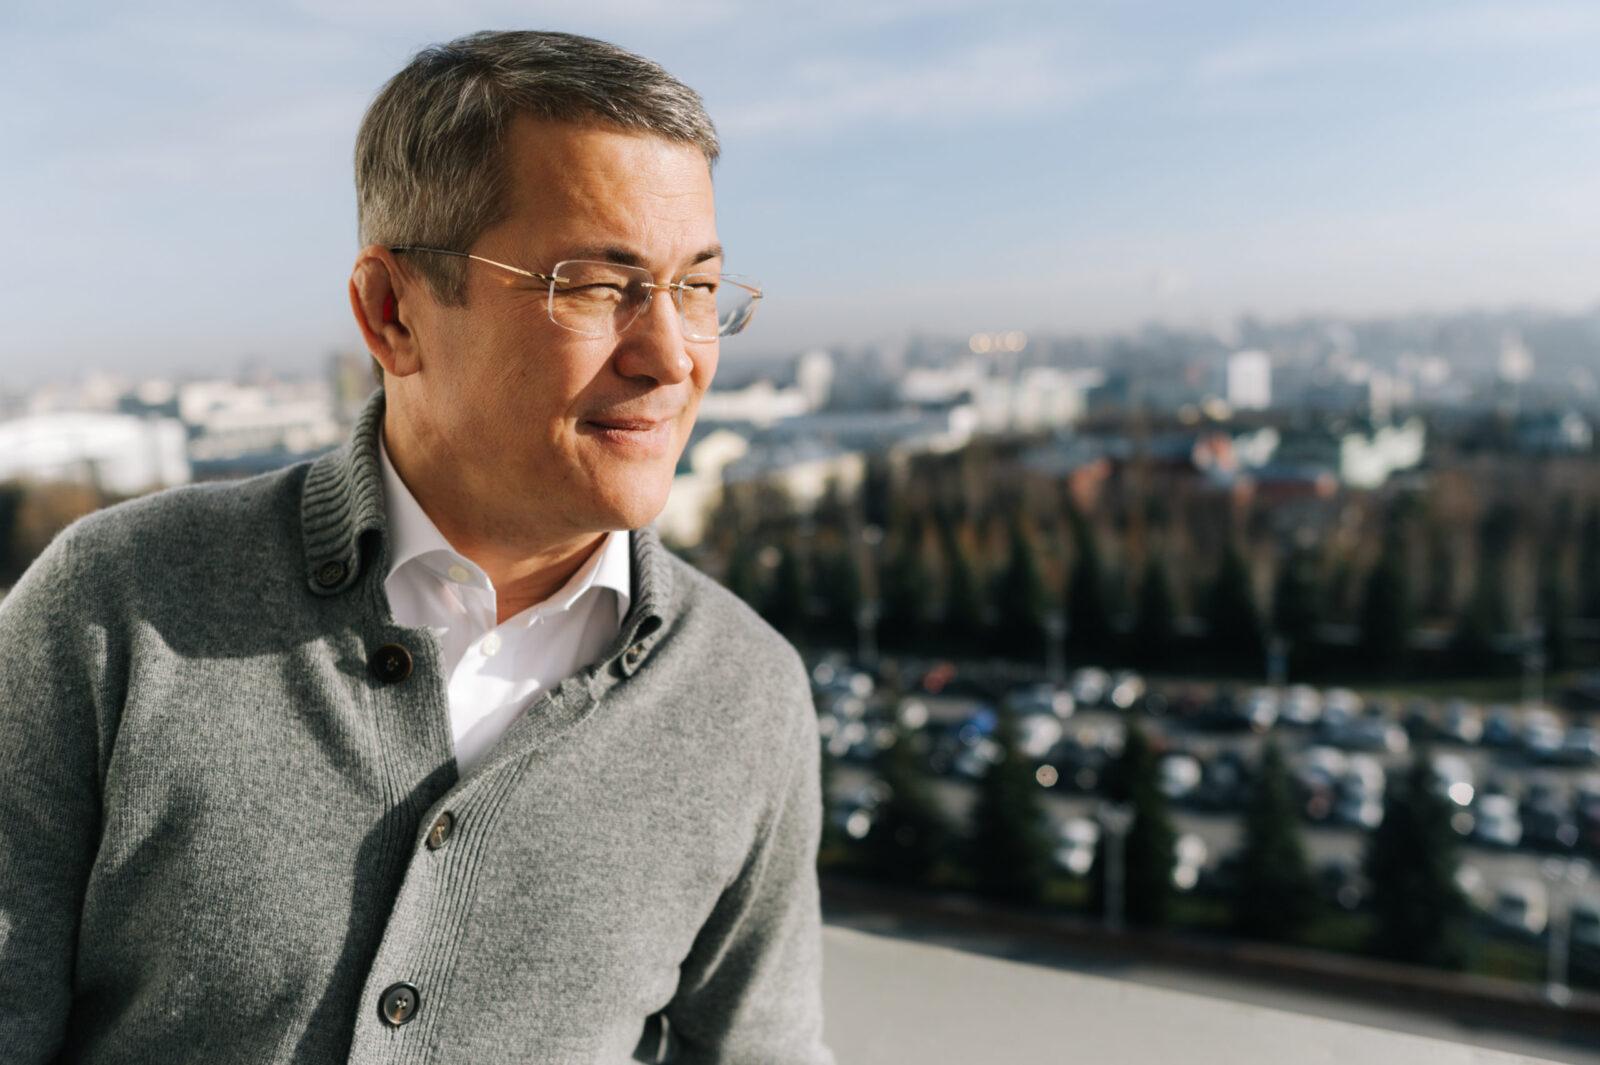 20 марта 2020 года свой 56-й день рождения празднует Глава Республики Башкортостан (РФ) Радий Хабиров